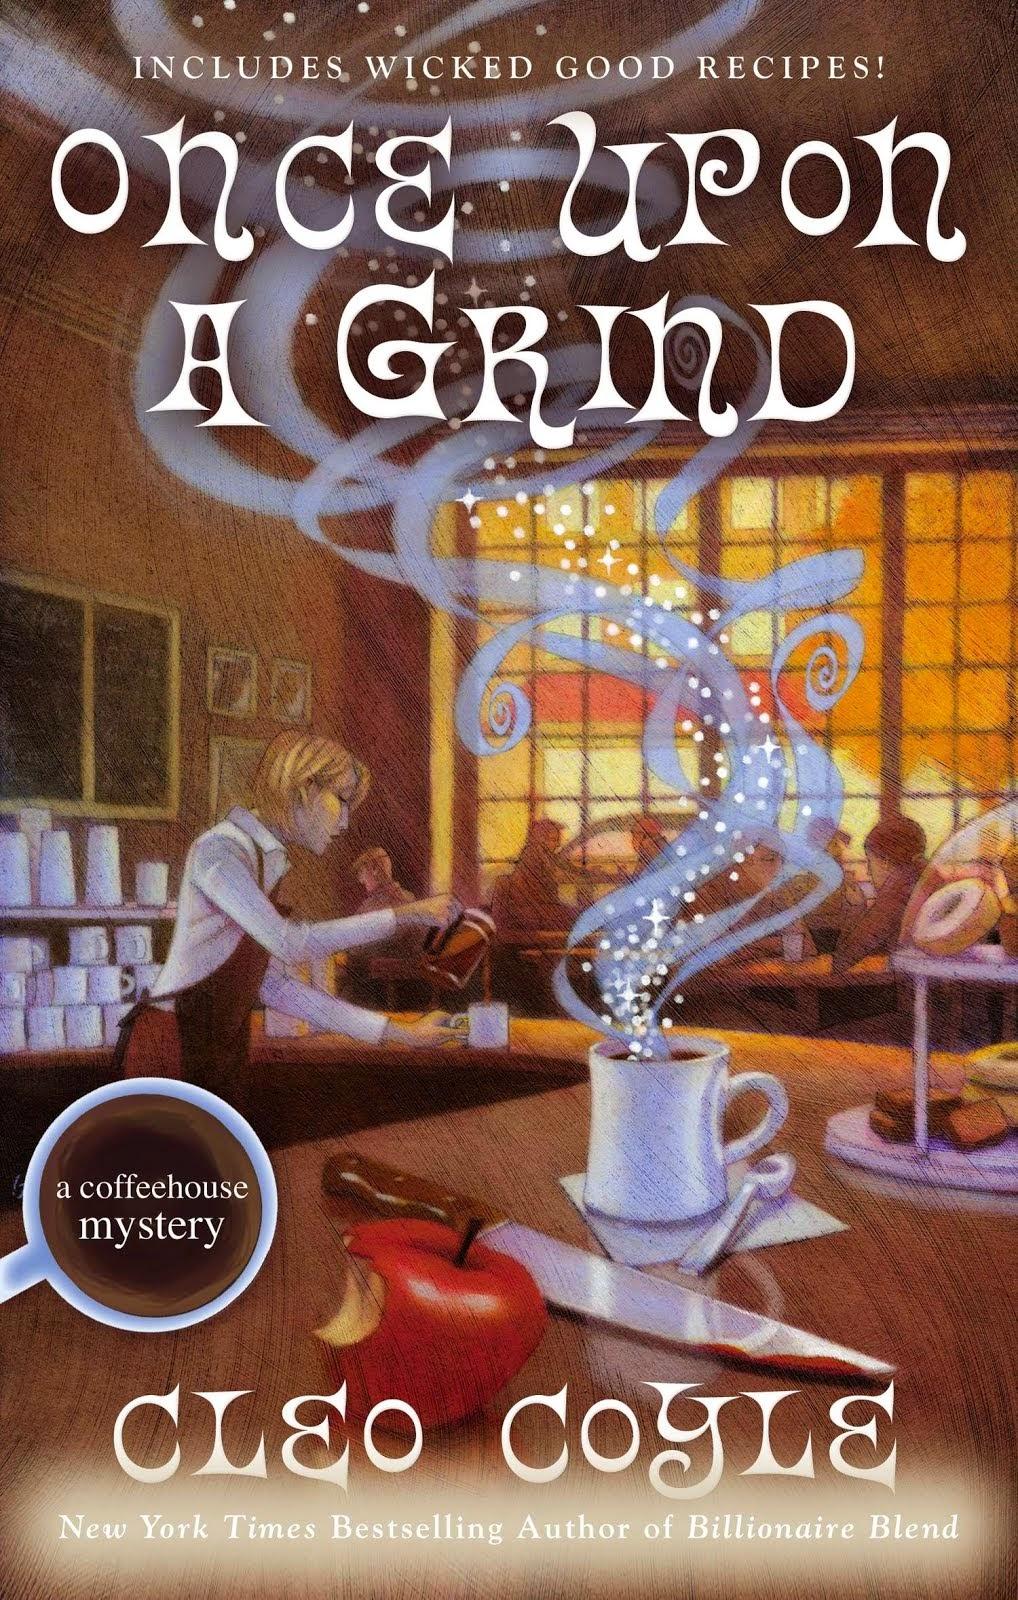 BOTM: Once Upon A Grind